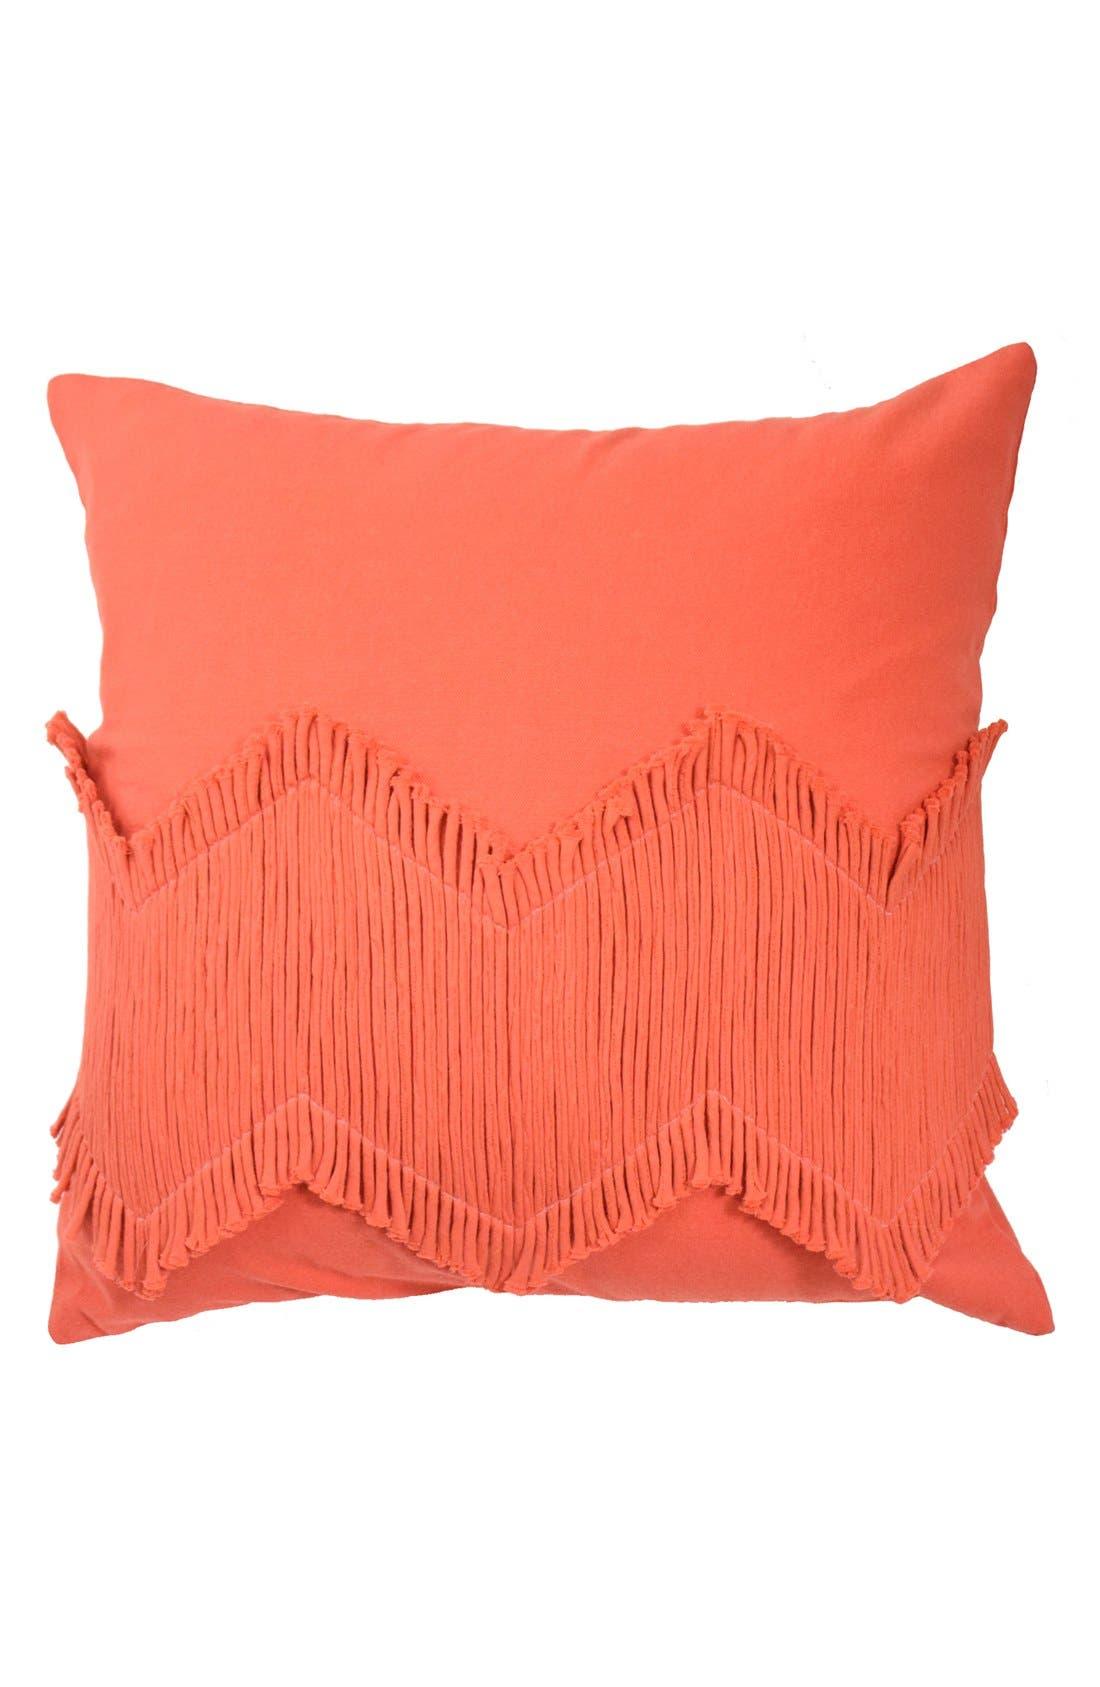 'Puebla' Pillow,                             Main thumbnail 1, color,                             Orange